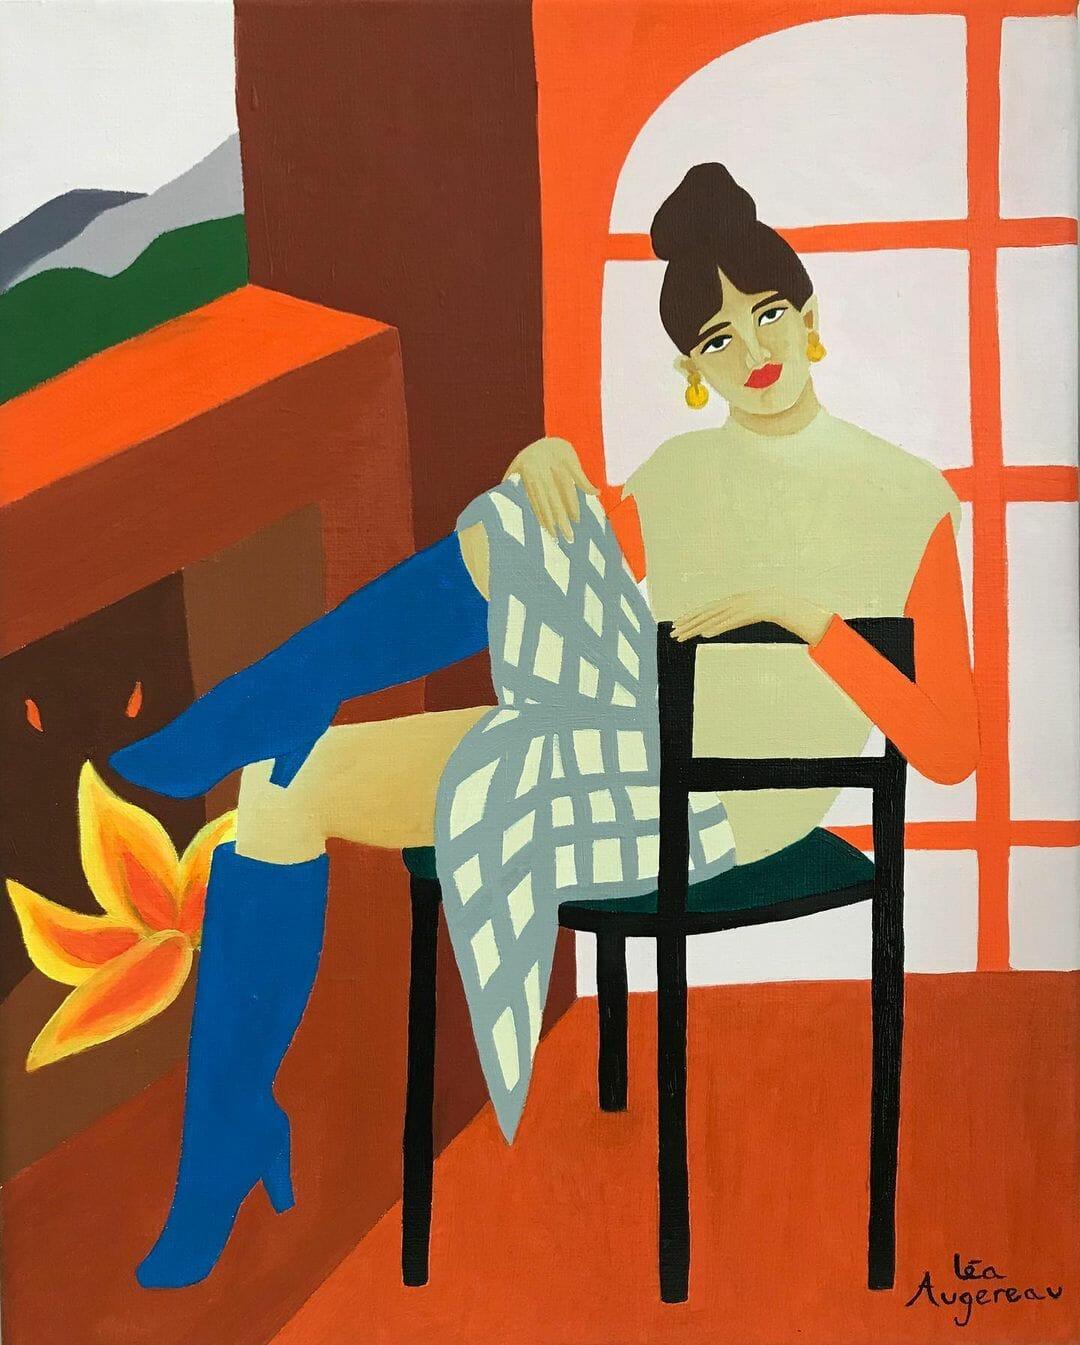 Une femme réchauffe ses pieds au coin du feu, dans l'aire d'une pièce orange t verte.Elle porte des bottes 'un bleu profond, une jupe à carreaux, un pull beige et un sous-pull orange.